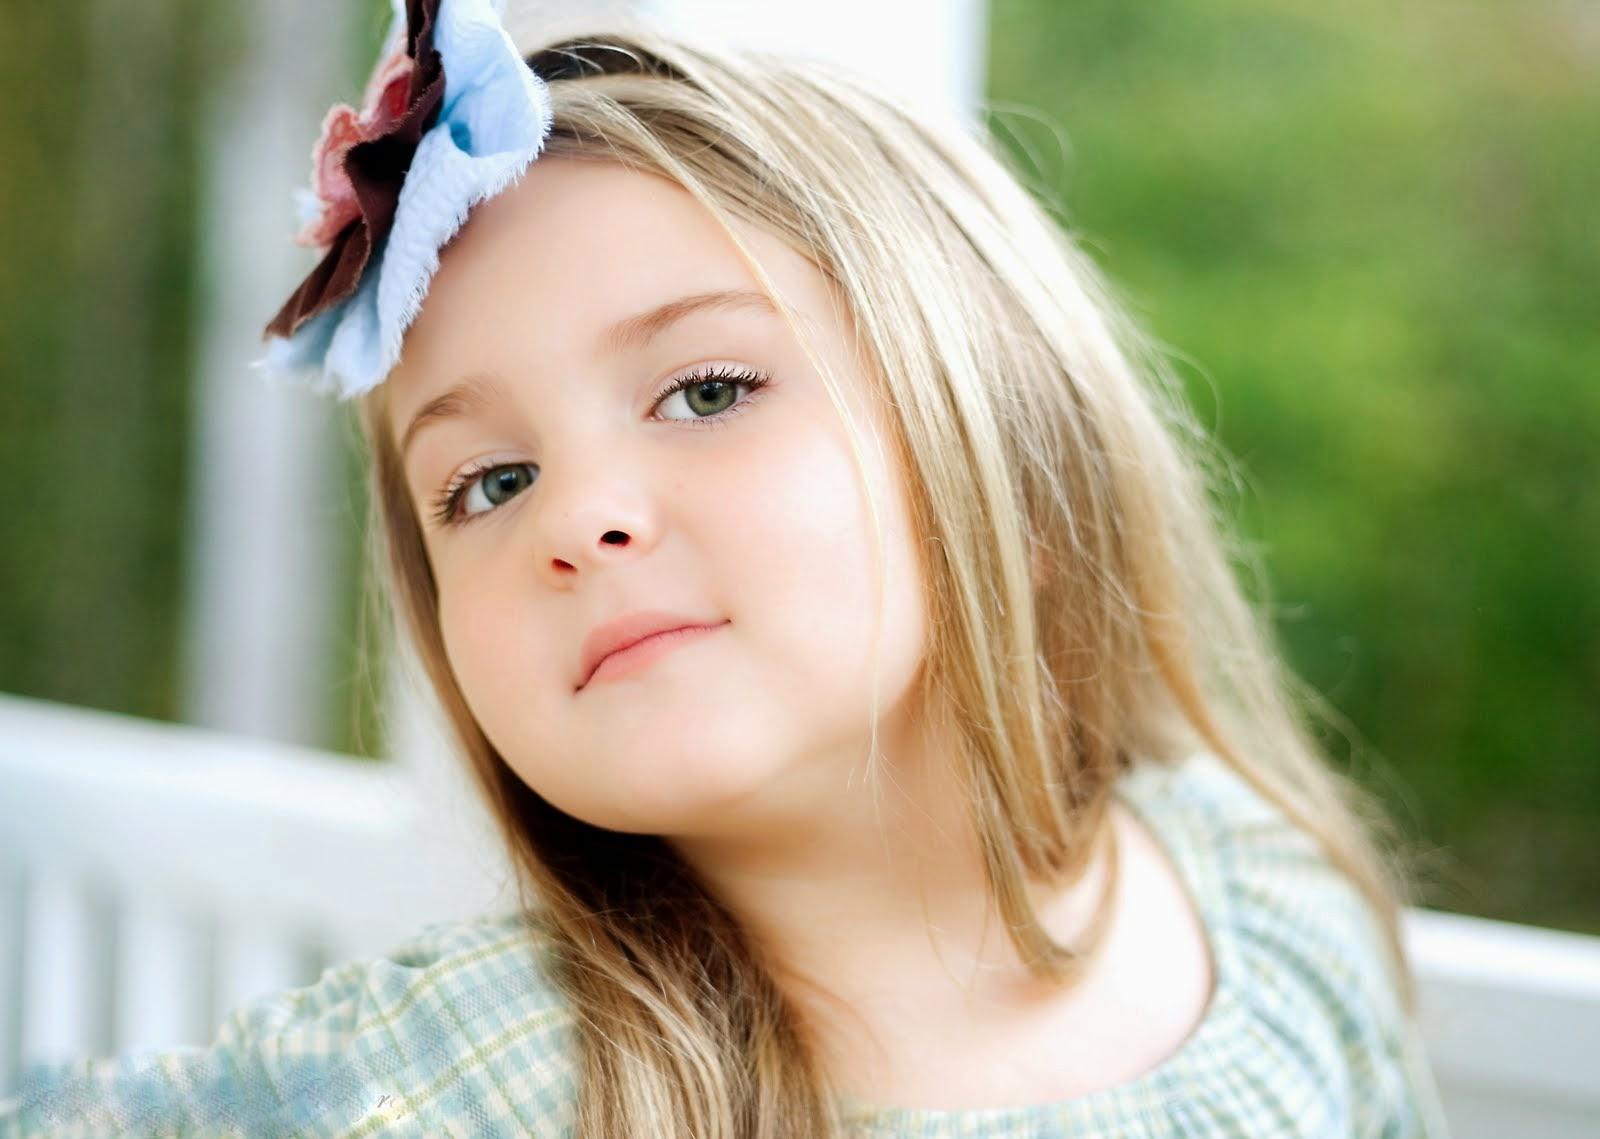 Hình ảnh em bé gái dễ thương